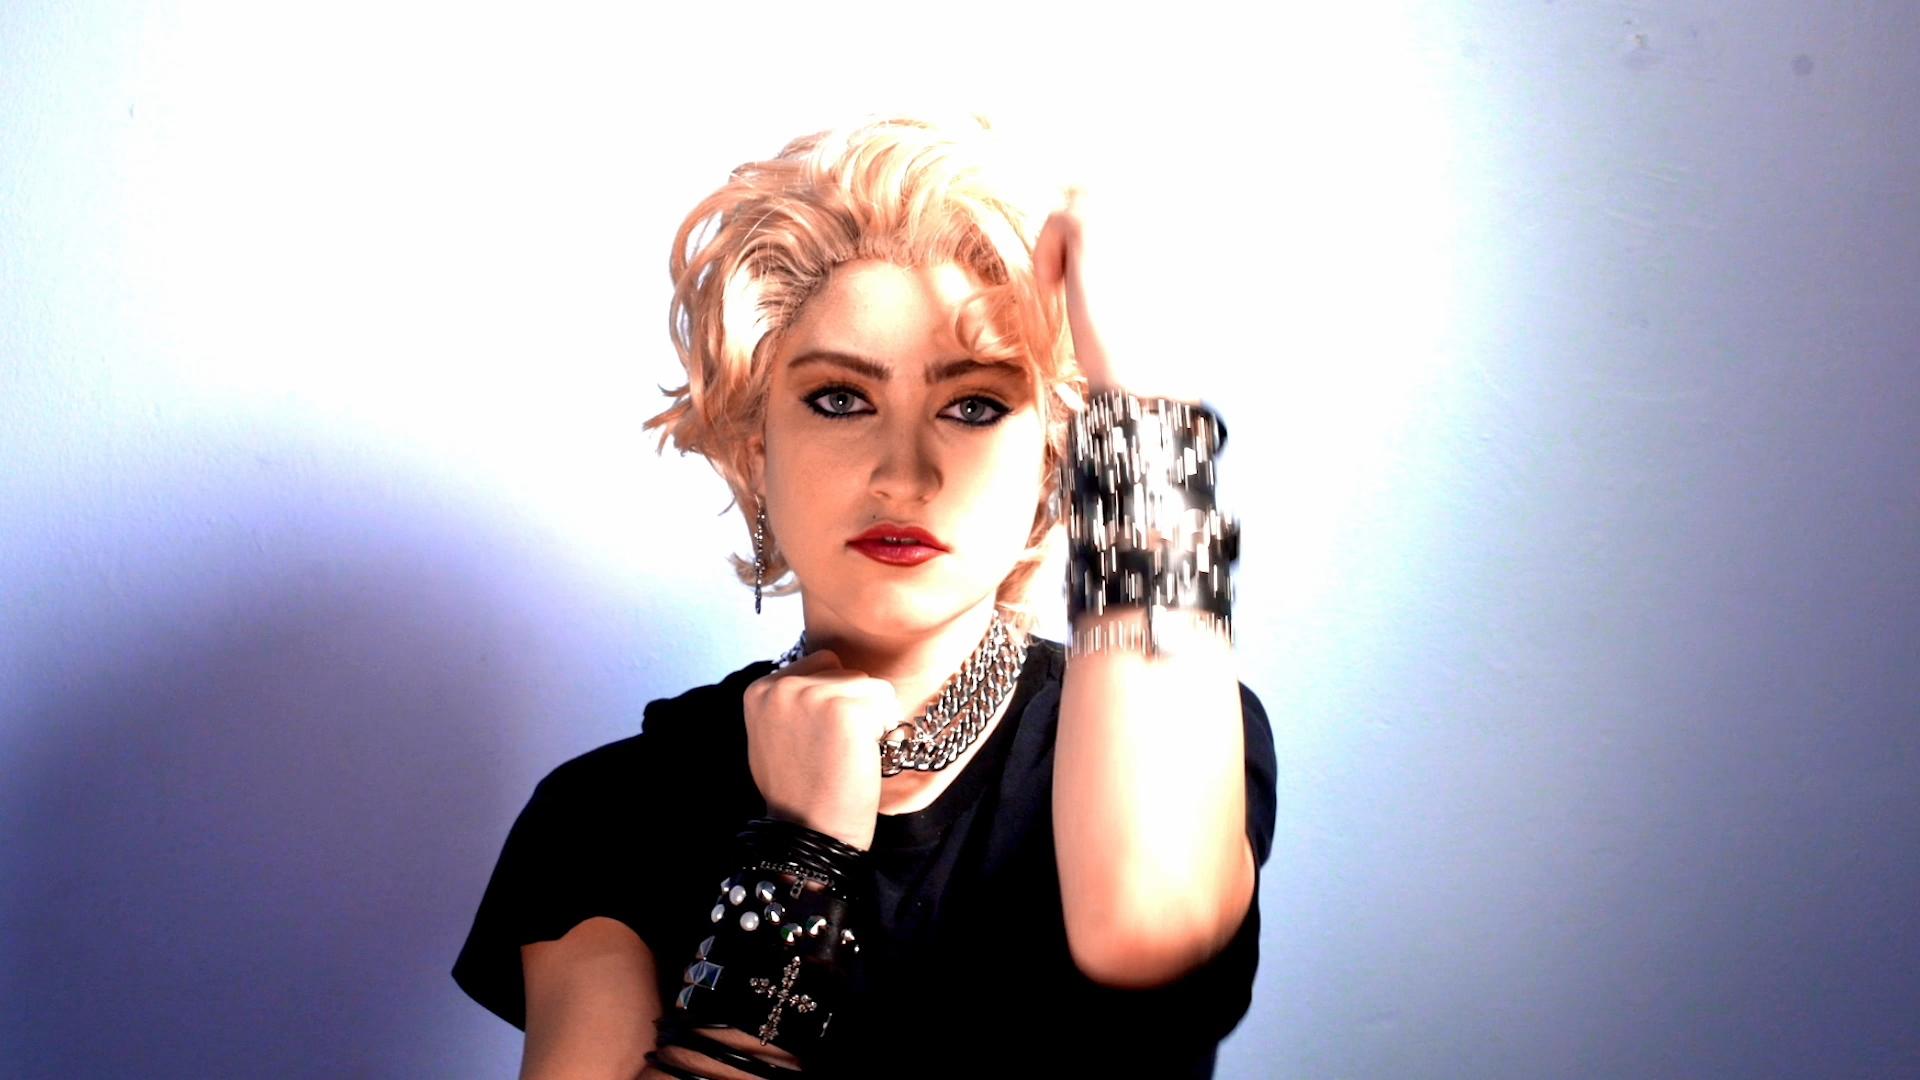 《瑪丹娜和她的早餐俱樂部》瑪丹娜紀錄片公開 前男友聚集公開與她最私密情書及影像